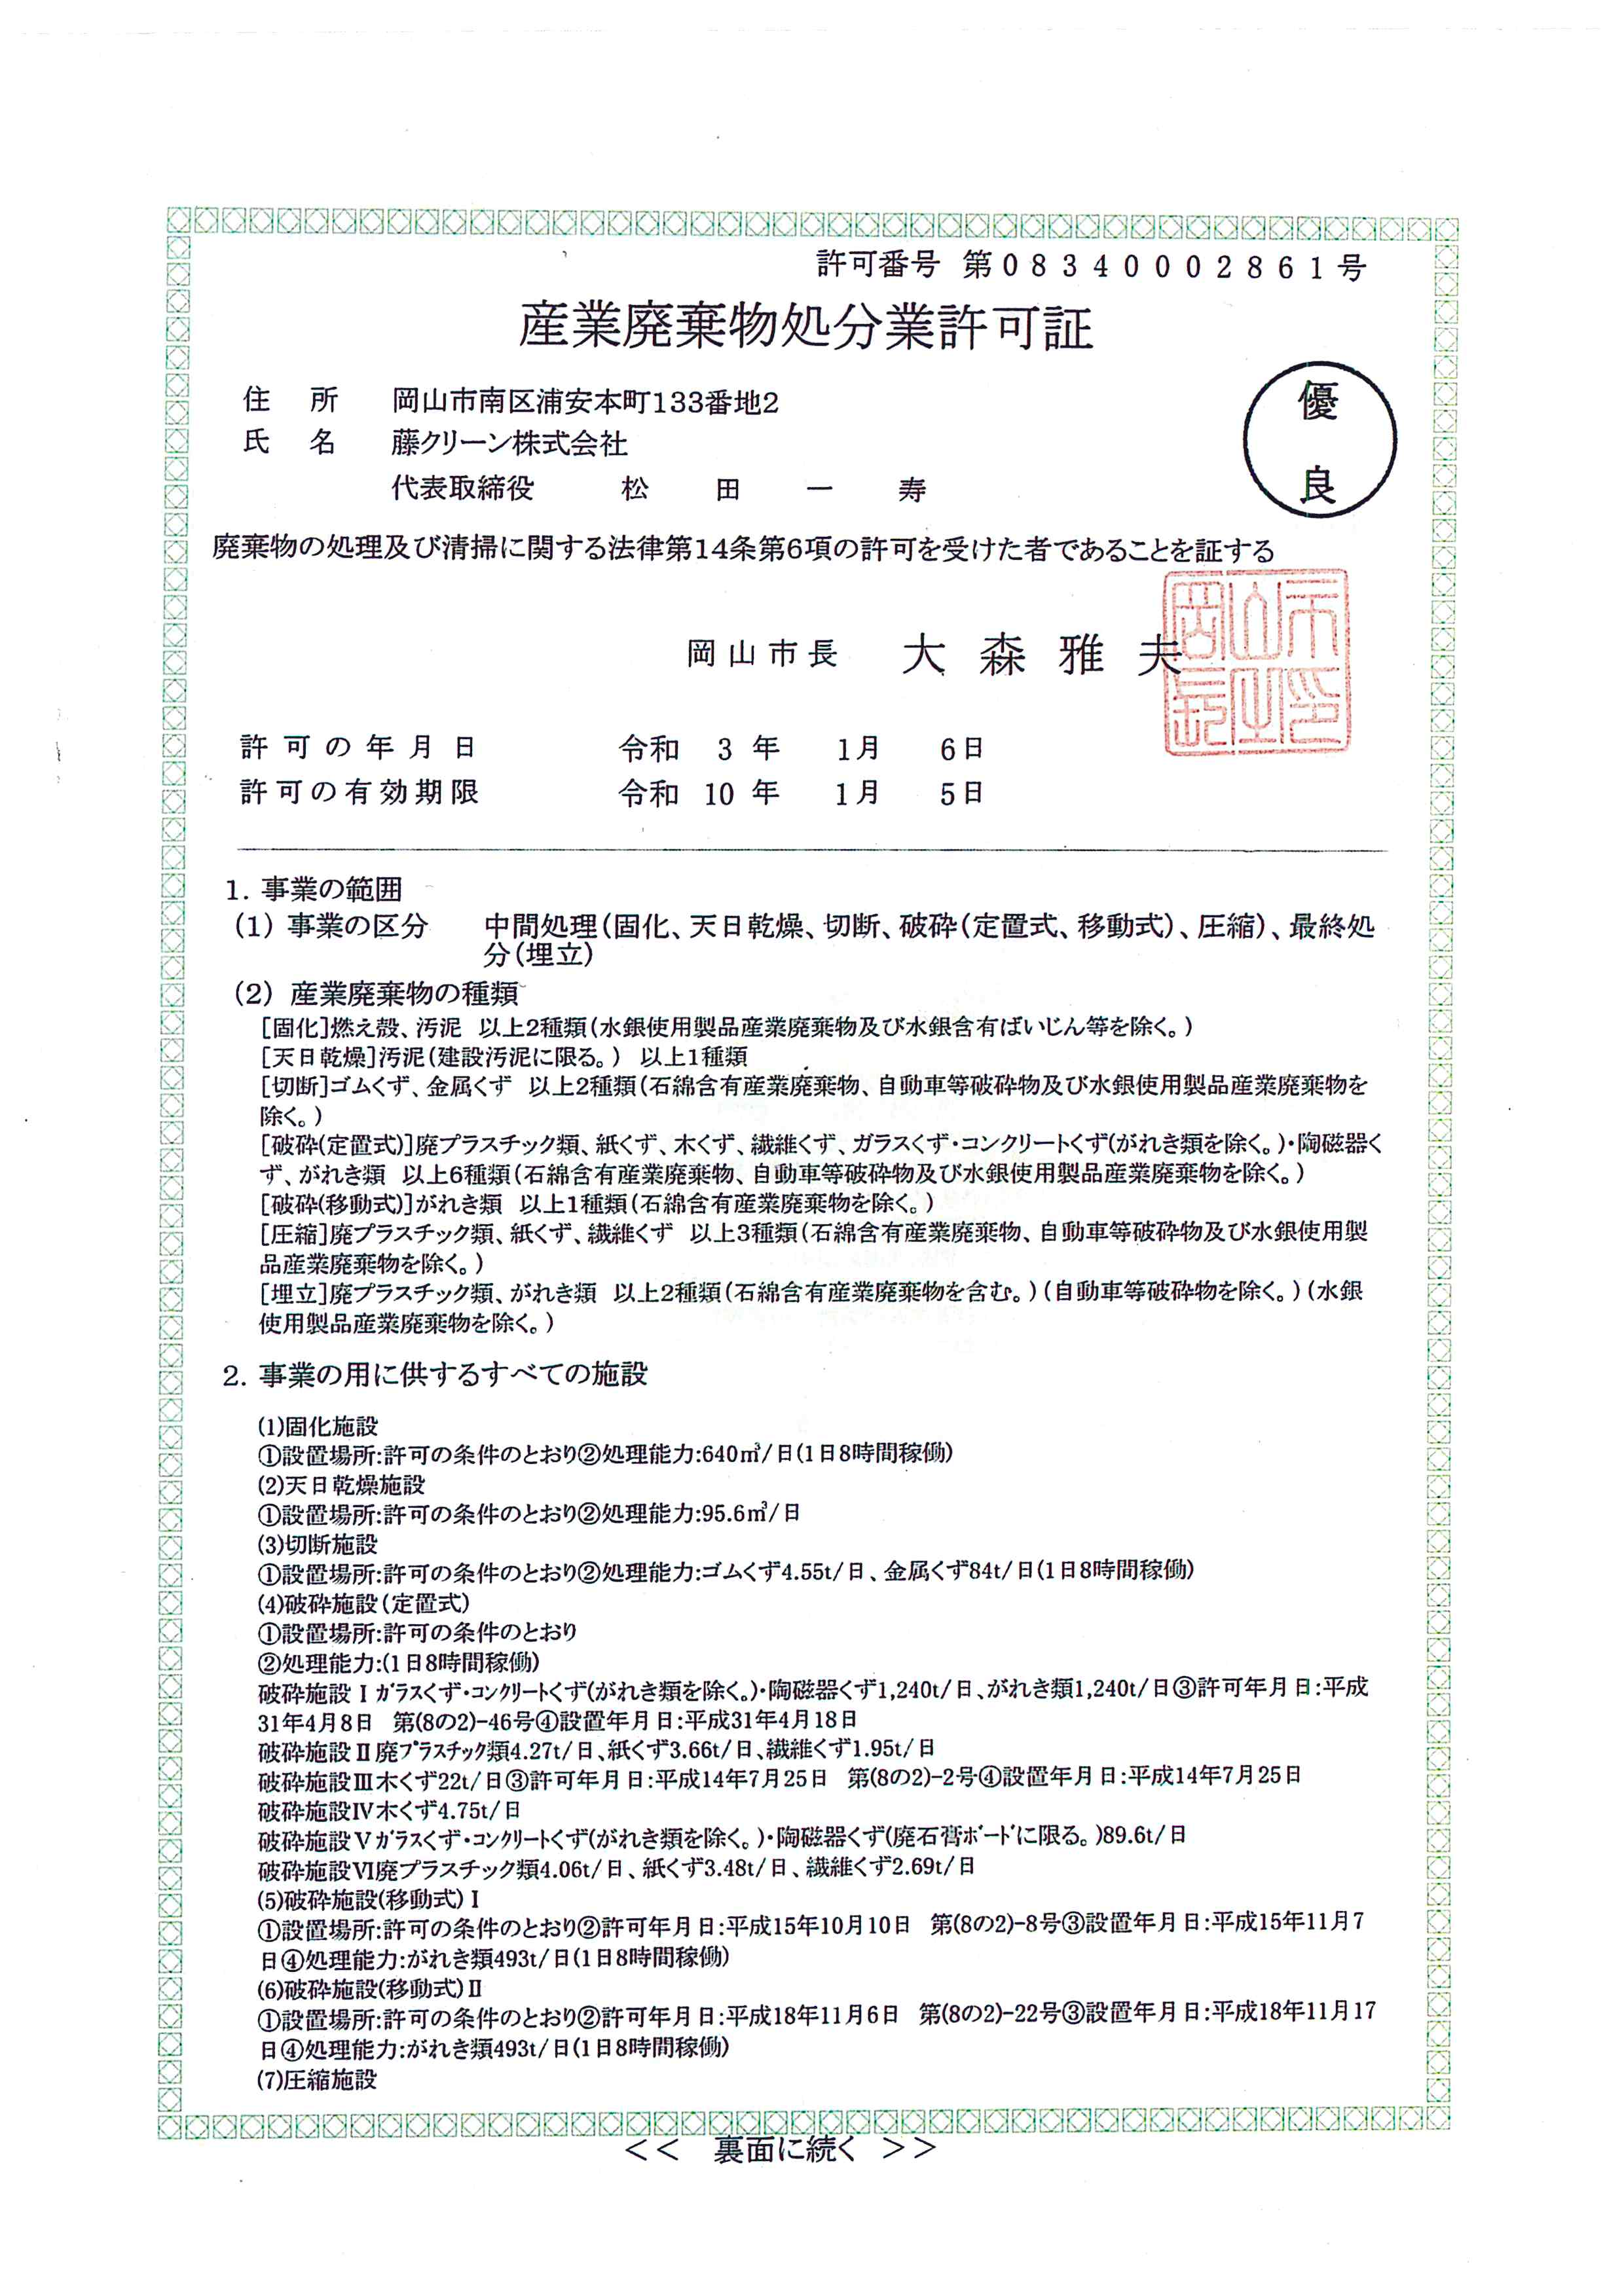 藤クリーン(株)が、岡山市から優良産廃処理業者として認定されました。